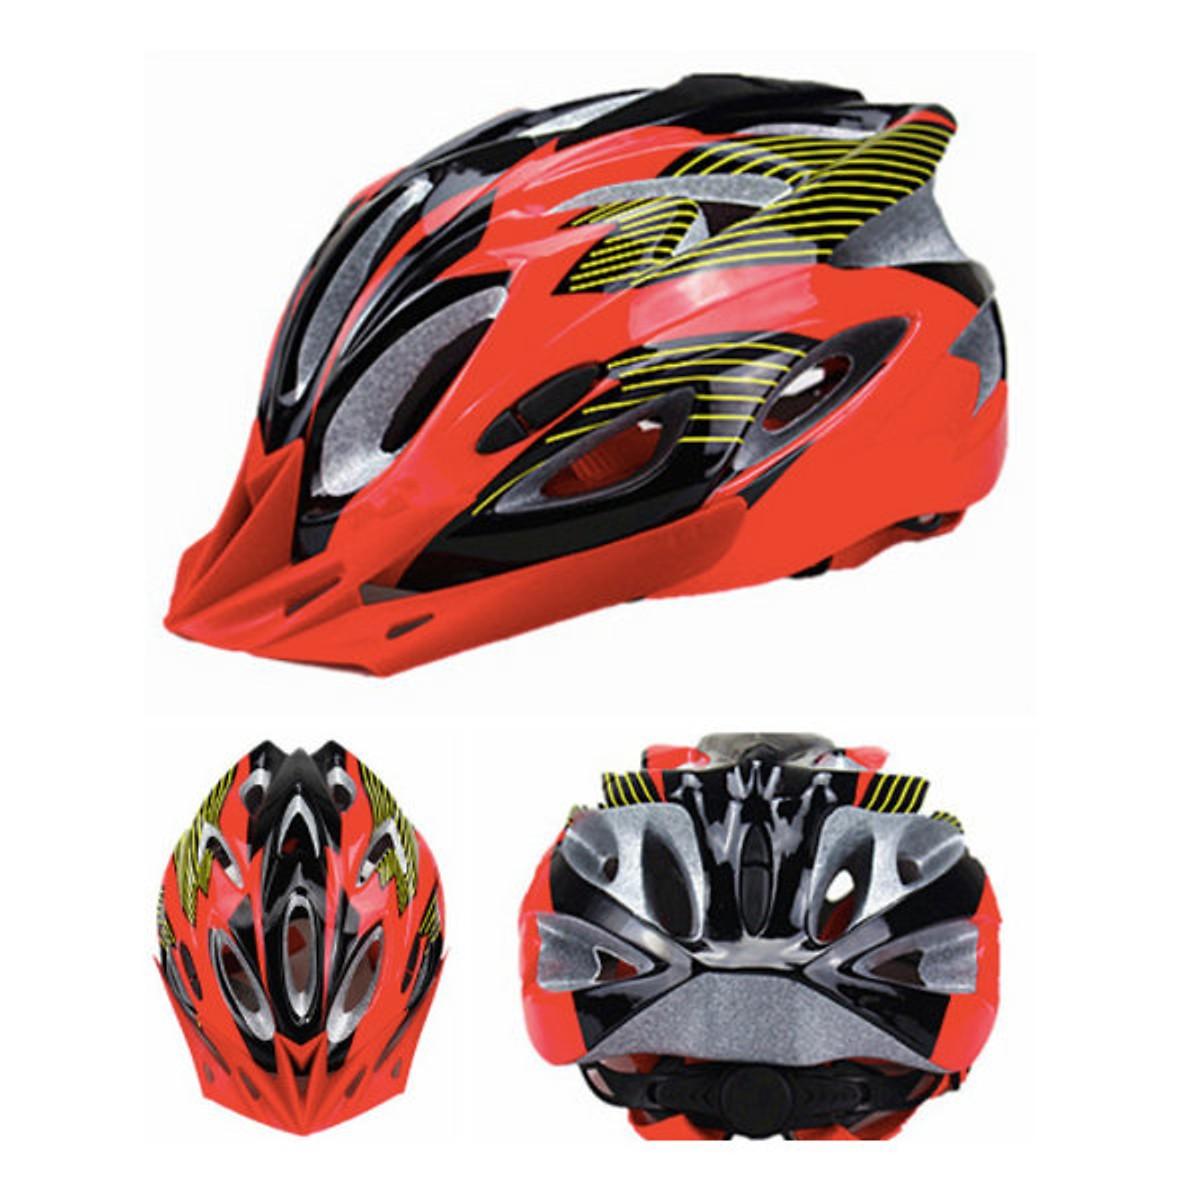 Mũ bảo hiểm xe đạp EPS012 - Sportslink